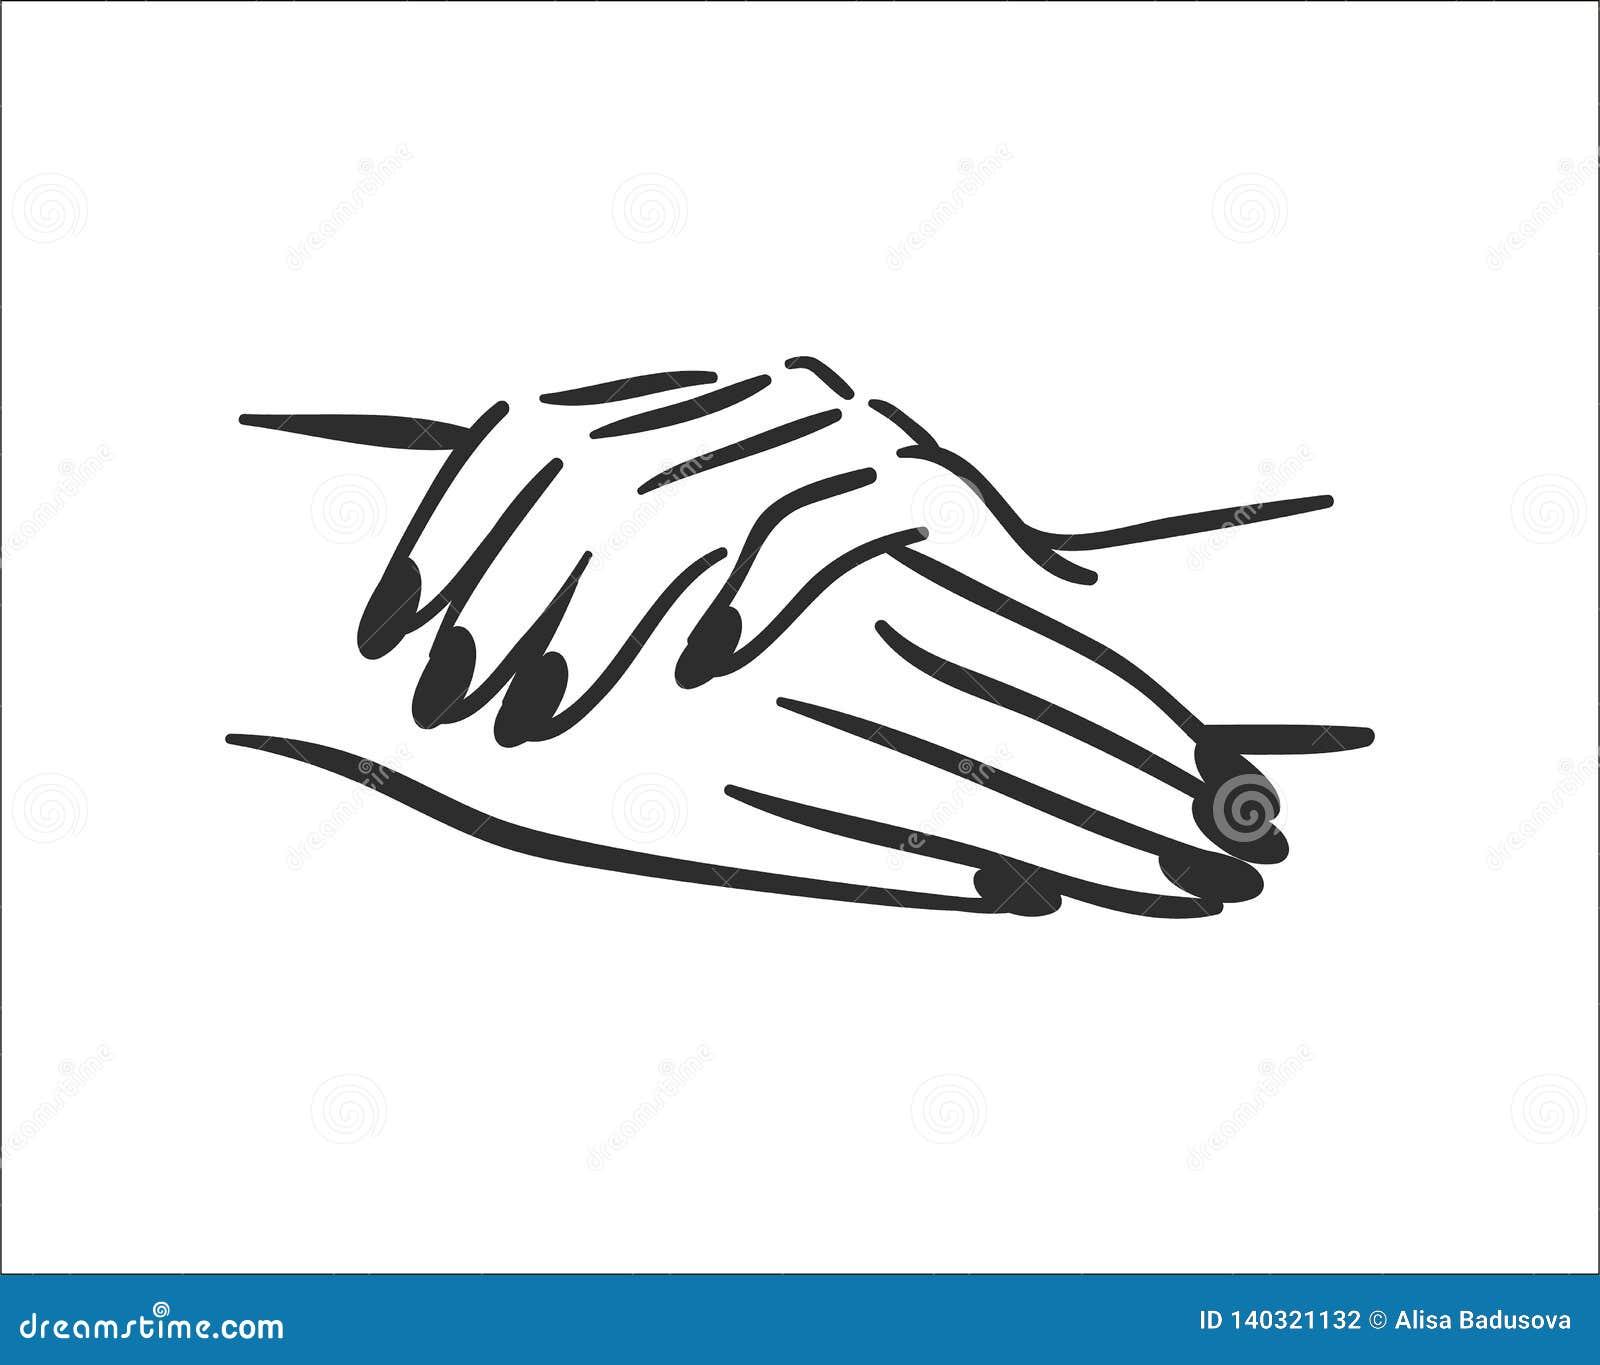 Conceito da ilustração do vetor das mãos com ícone do tratamento de mãos Preto no fundo branco